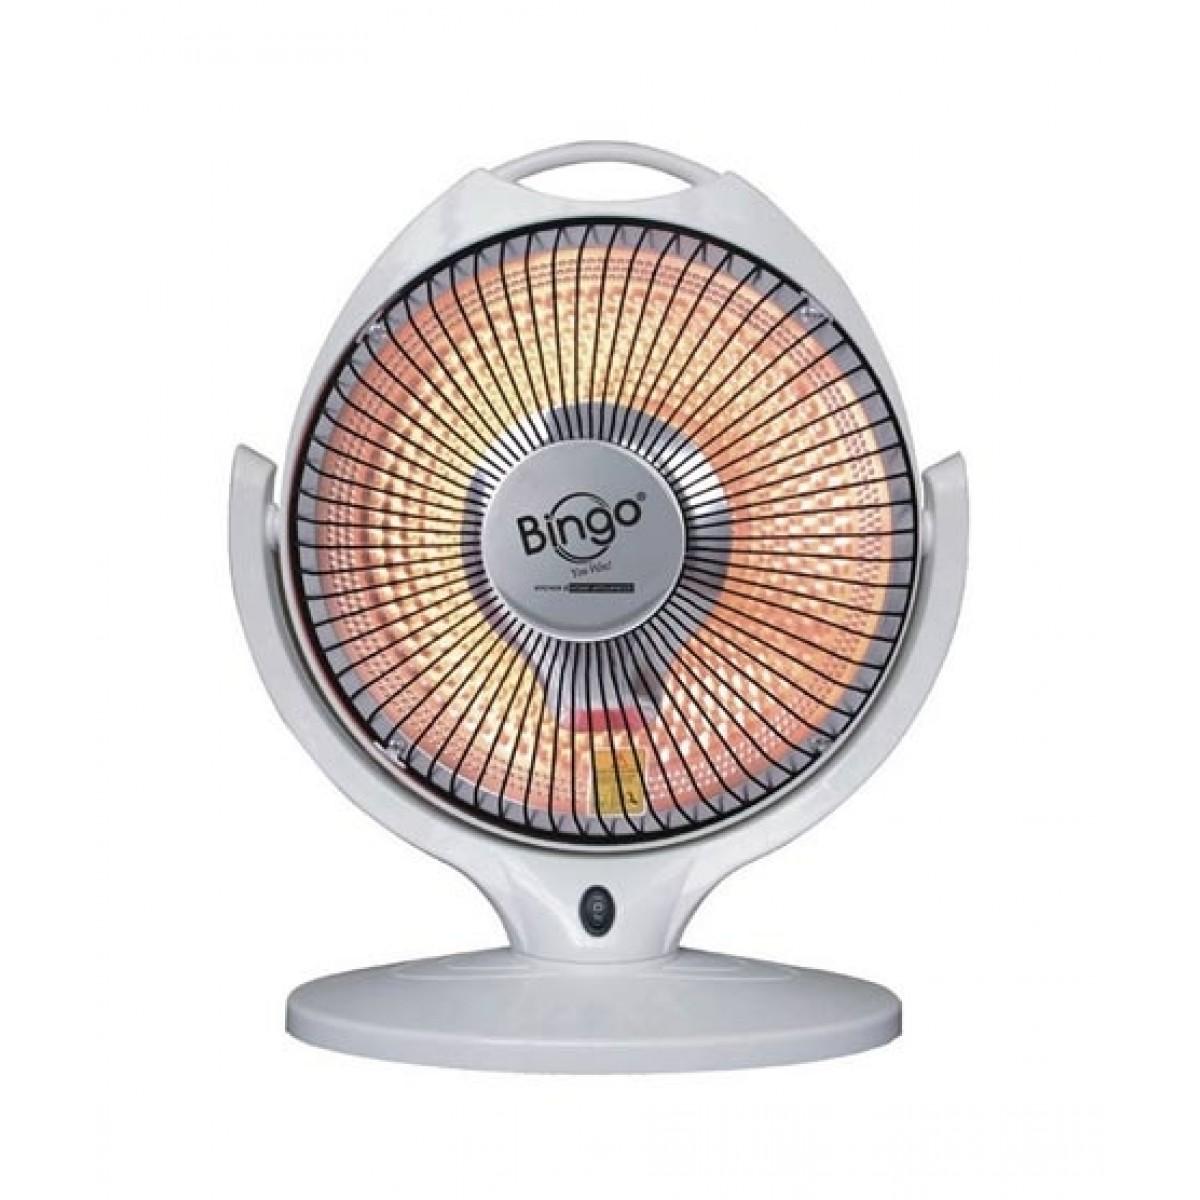 Bingo Deluxe Halogen Sun Fan Heater HX-30